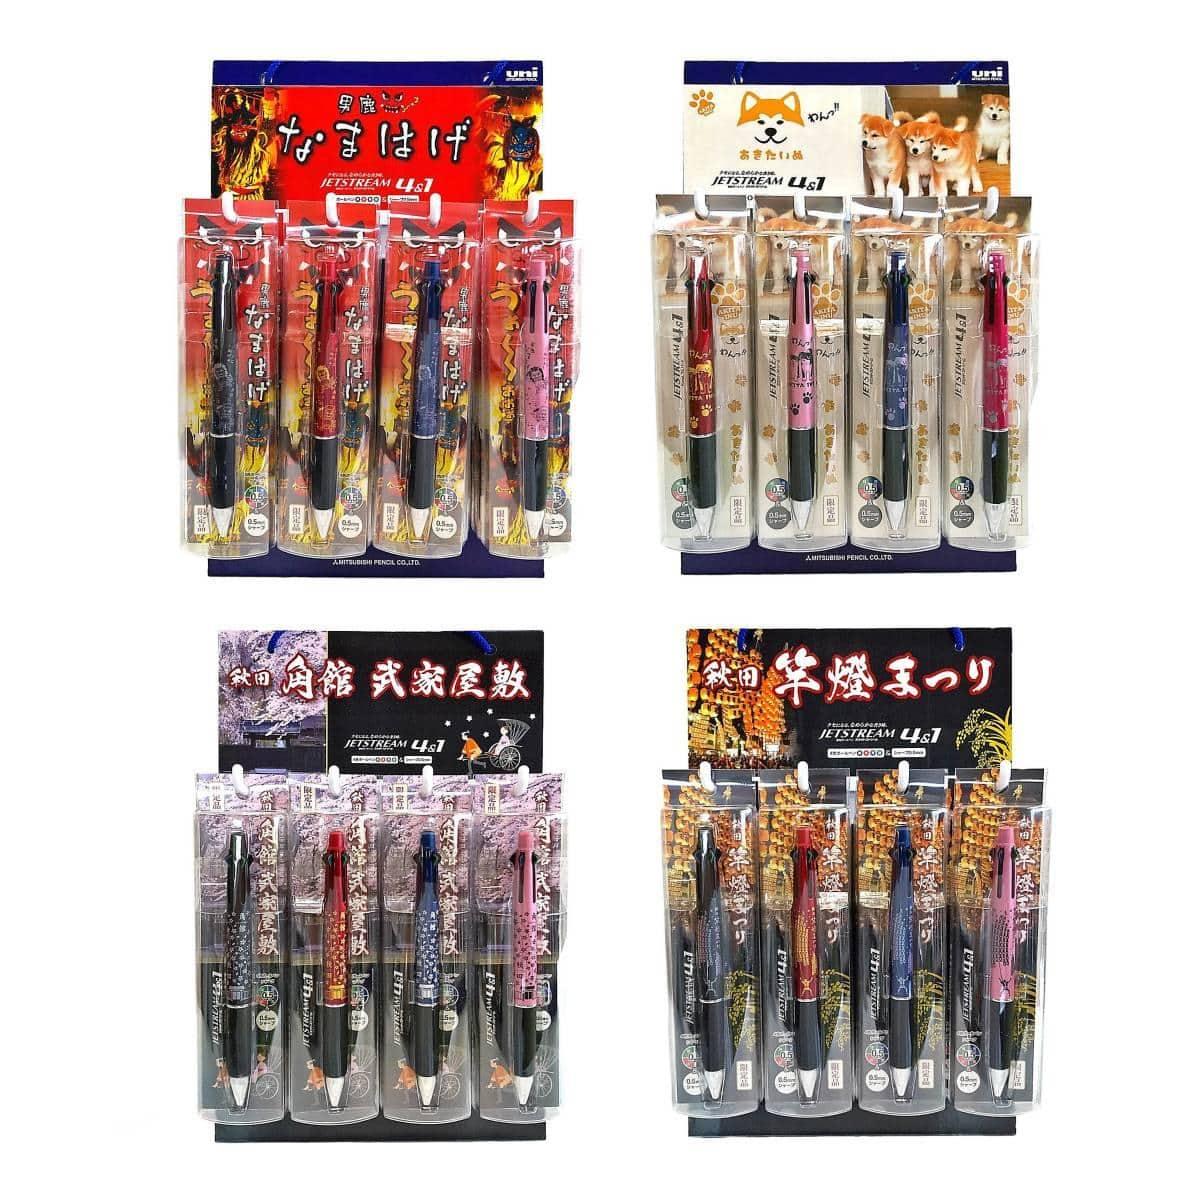 秋田のシンボルをデザインしたシャープペン付き4色ボールペン「ジェットストリーム4&1」